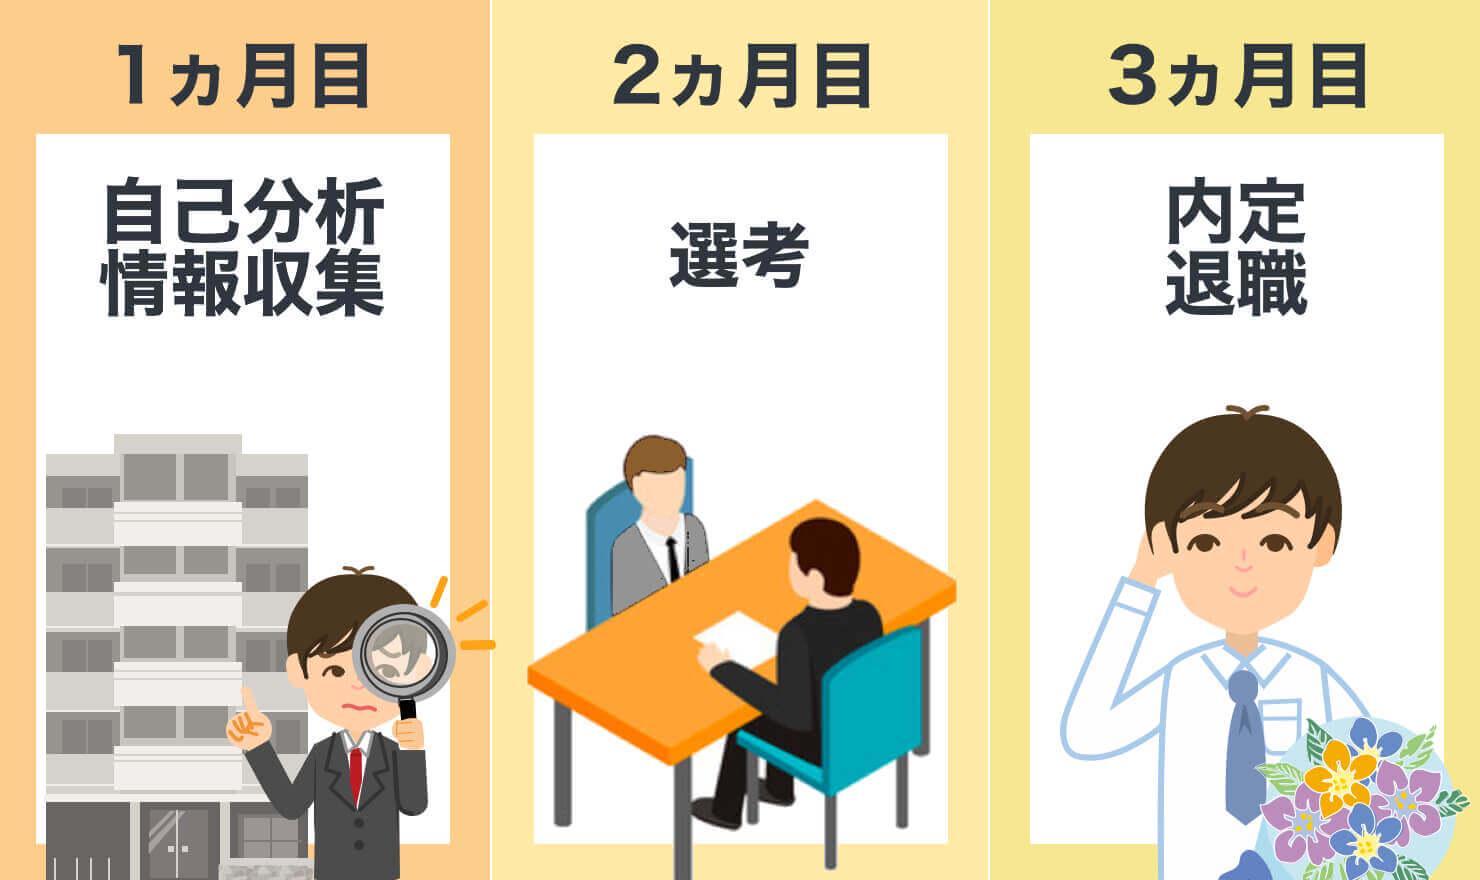 転職の流れを説明する画像